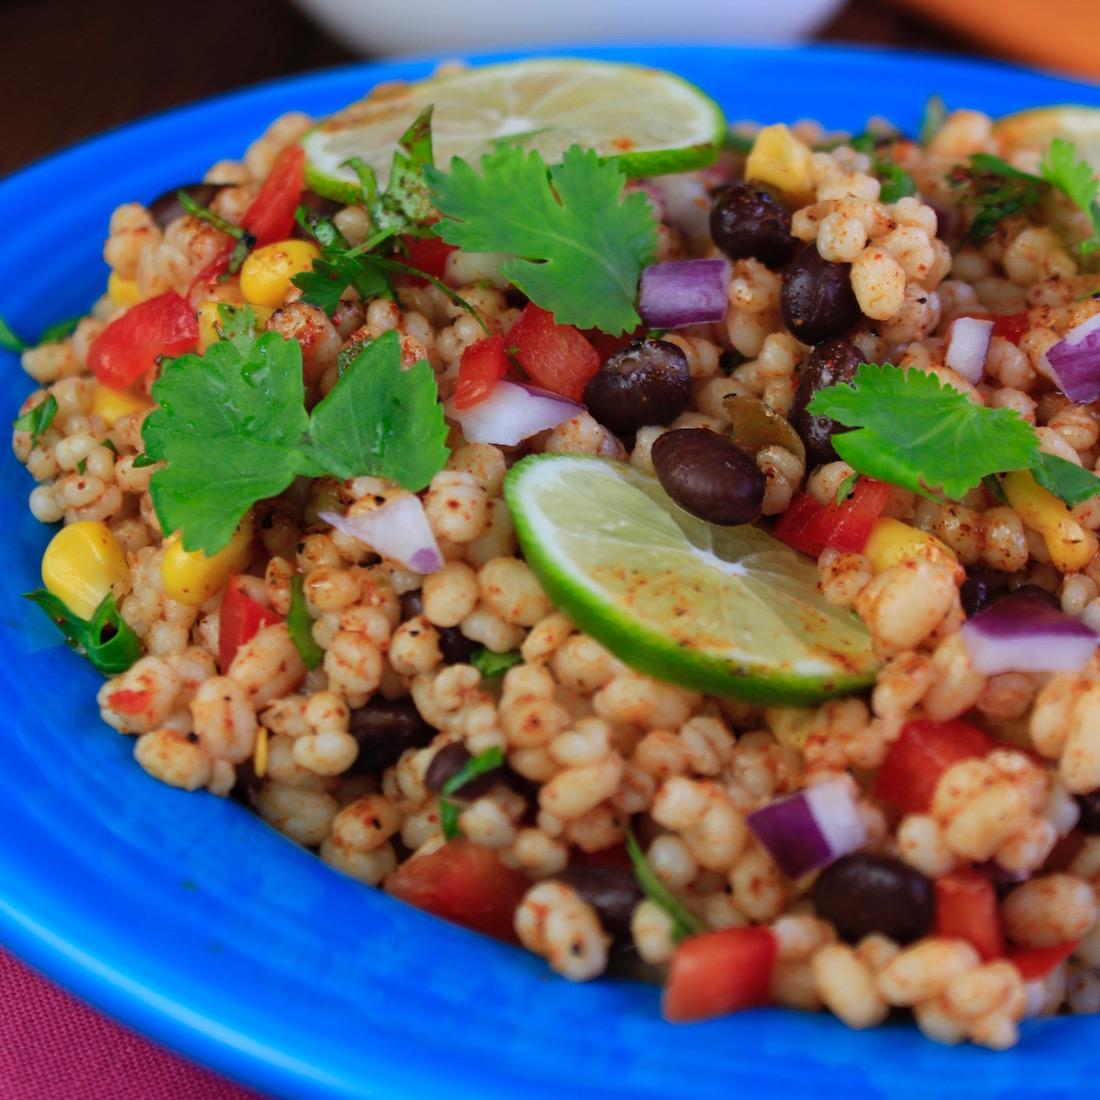 Taco Fiesta Barley Salad7